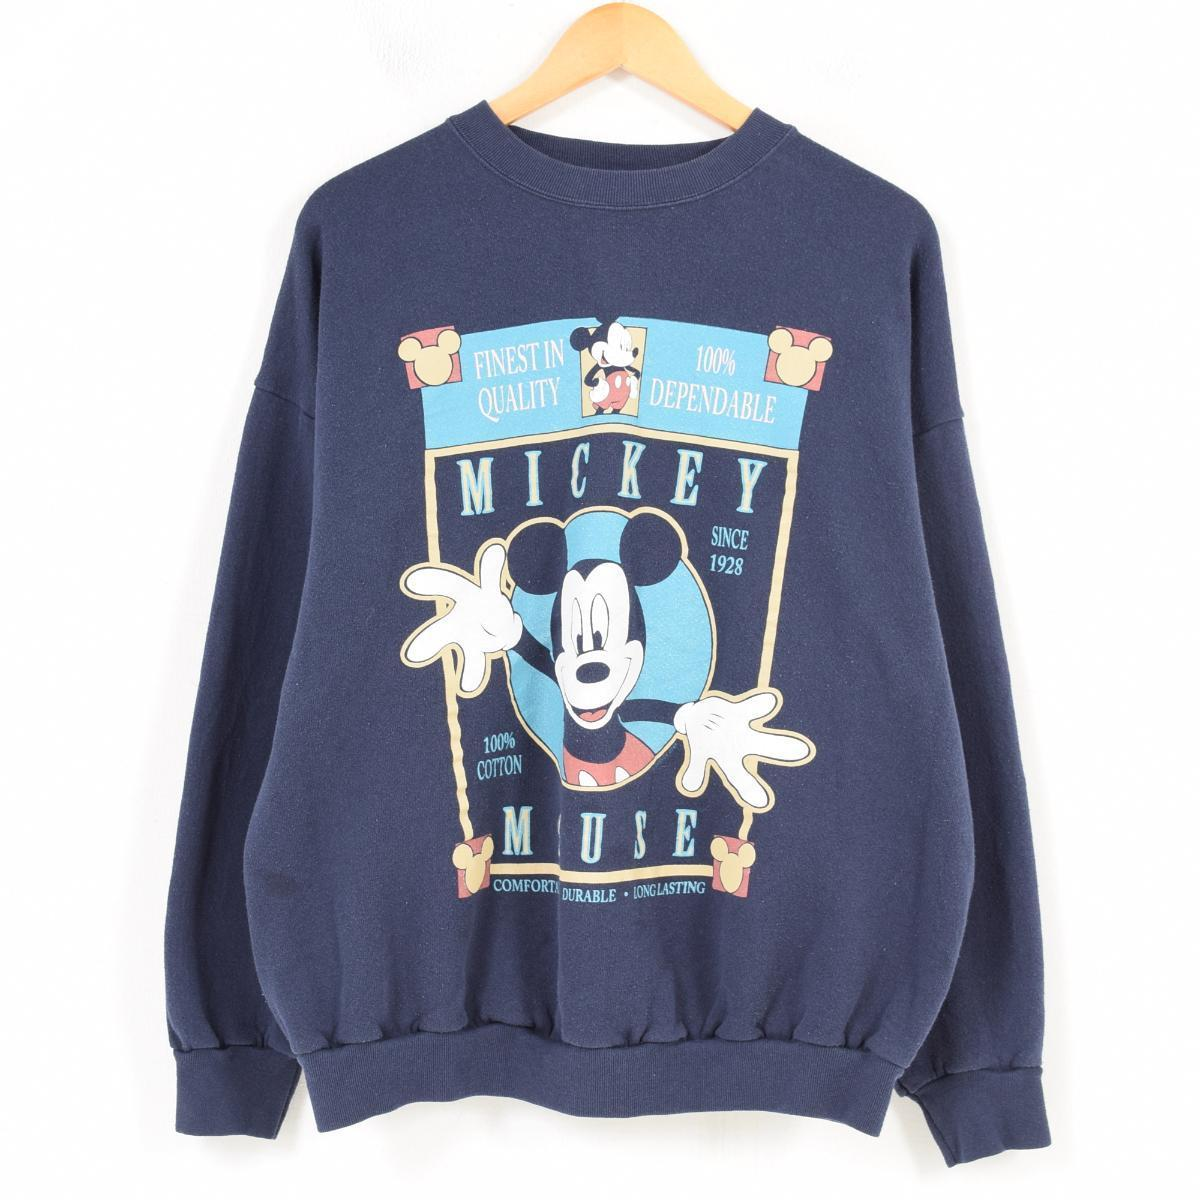 MICKEY UNLIMITED MICKEY MOUSE ミッキーマウス キャラクタースウェットシャツ トレーナー USA製 レディースXL /waq4736 【中古】 【180413】